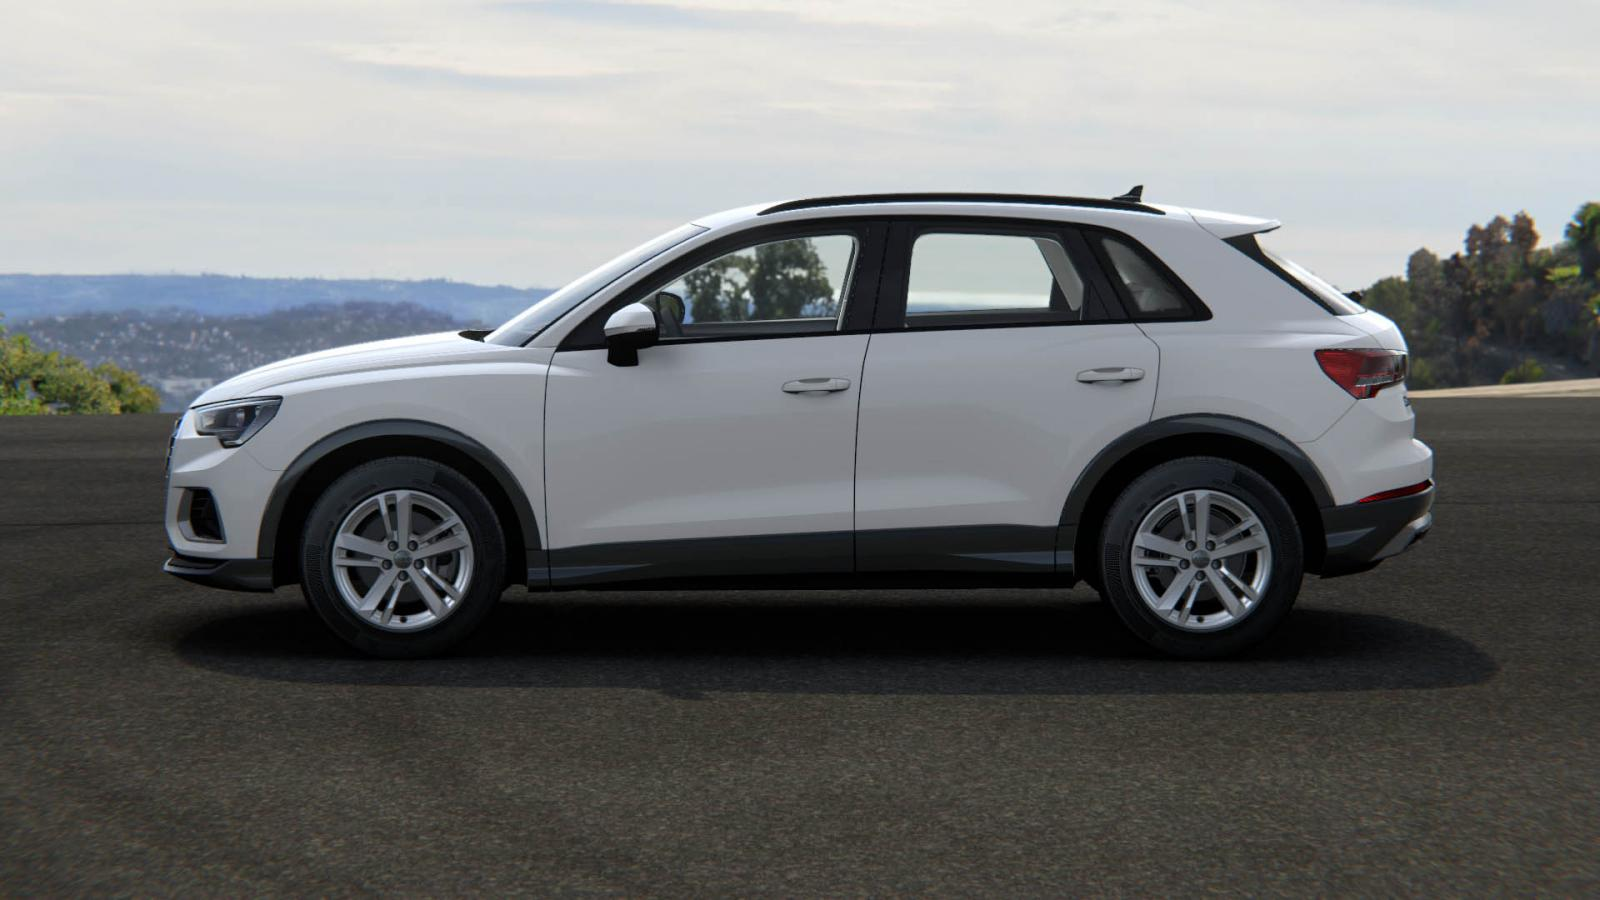 La Audi Q3 precio mexico se vende en cinco versiones en México